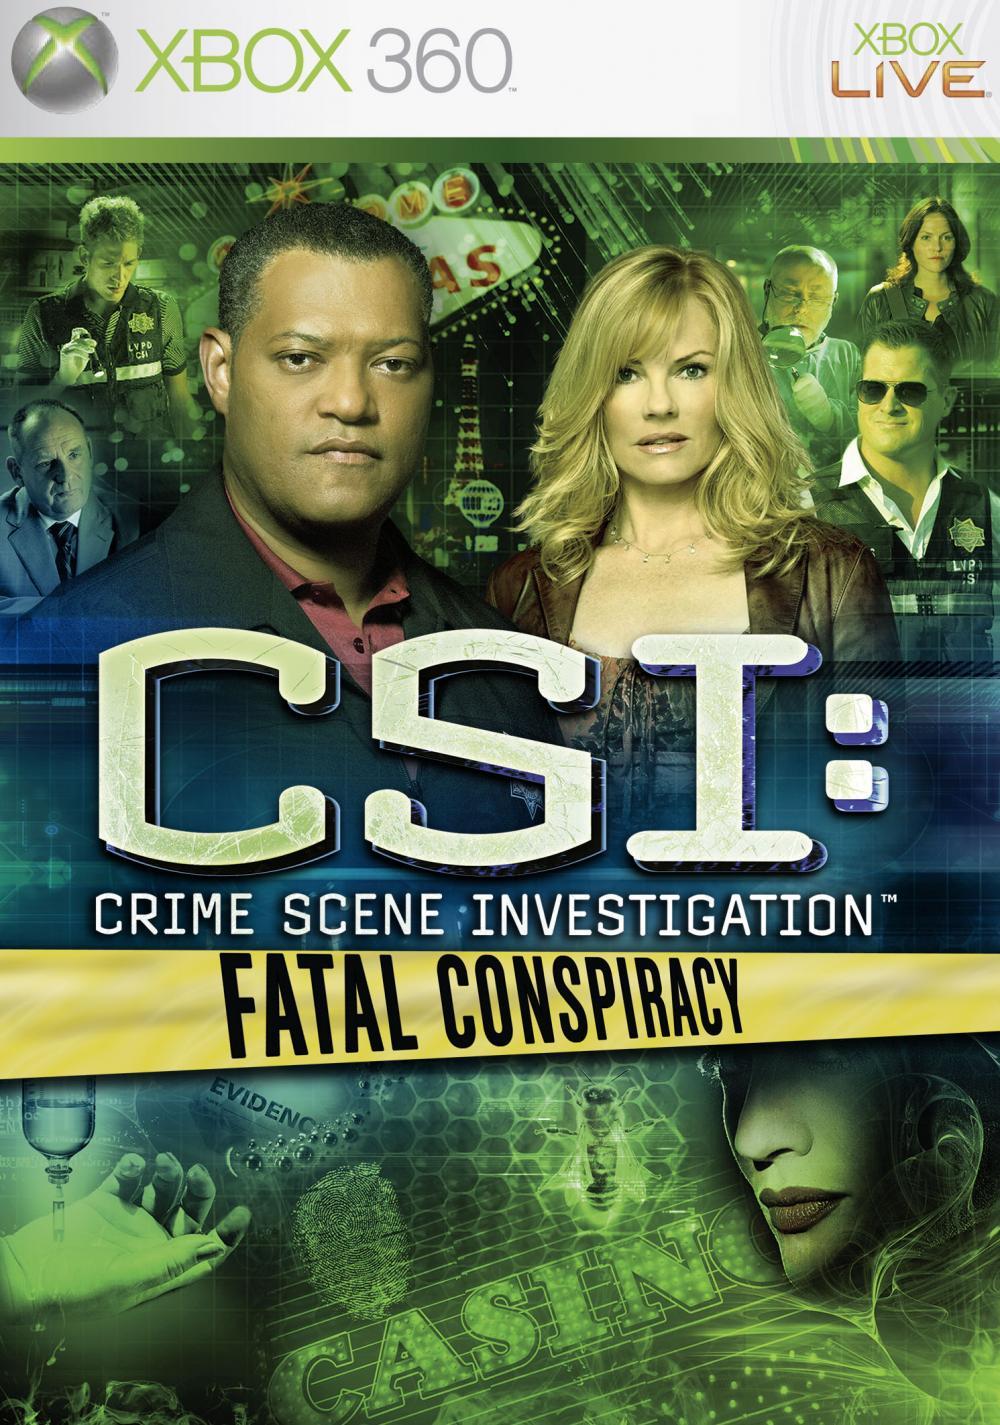 CSI 6 FATAL CONSPIRACY XBOX360